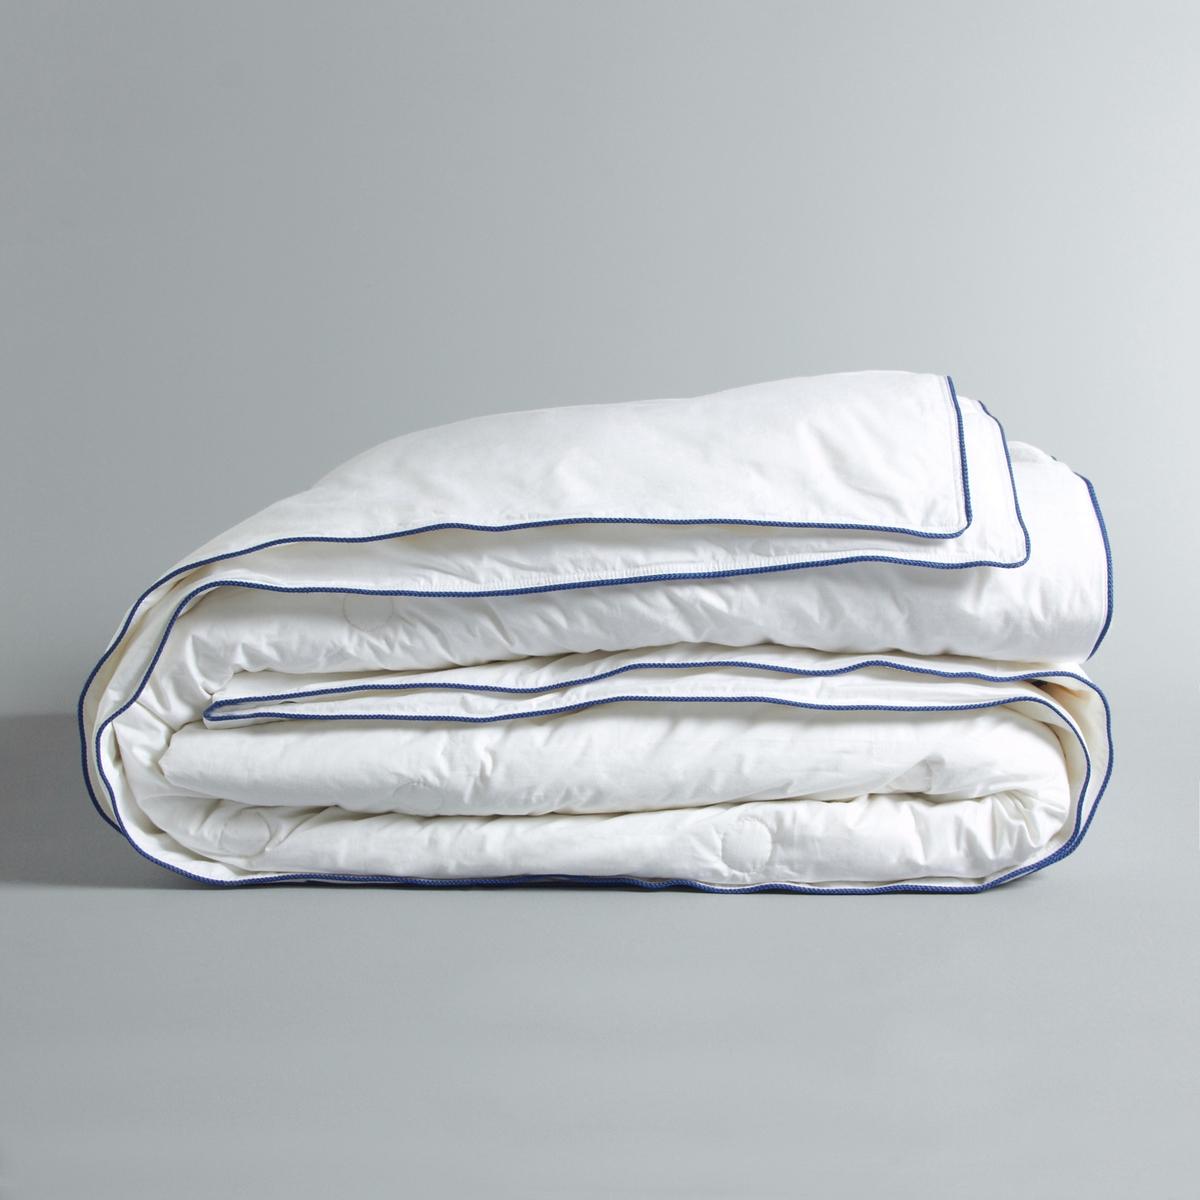 Одеяло Galaad с шелковым наполнителем плотностью 300 г/м?Одеяло Galaad с шелковым наполнителем. Комфортное и теплое очень тонкое одеяло, обеспечивающее тепло зимой и прохладу летом, что позволяет использовать его круглый год. Комфорт : Мягкий и нежный шелк гарантирует вам здоровый сон, поскольку шелк по своей природе обладает гипоаллергенным, противоклещевым и антибактериальным свойством.Наполнитель :- Шелковые волокна плотностью 300 г/м?. Чехол :- Очень мягкая и элегантная перкаль, 100% хлопка. - Контрастный кант по краю.Уход : - Рекомендована сухая чистка.<br><br>Цвет: белый